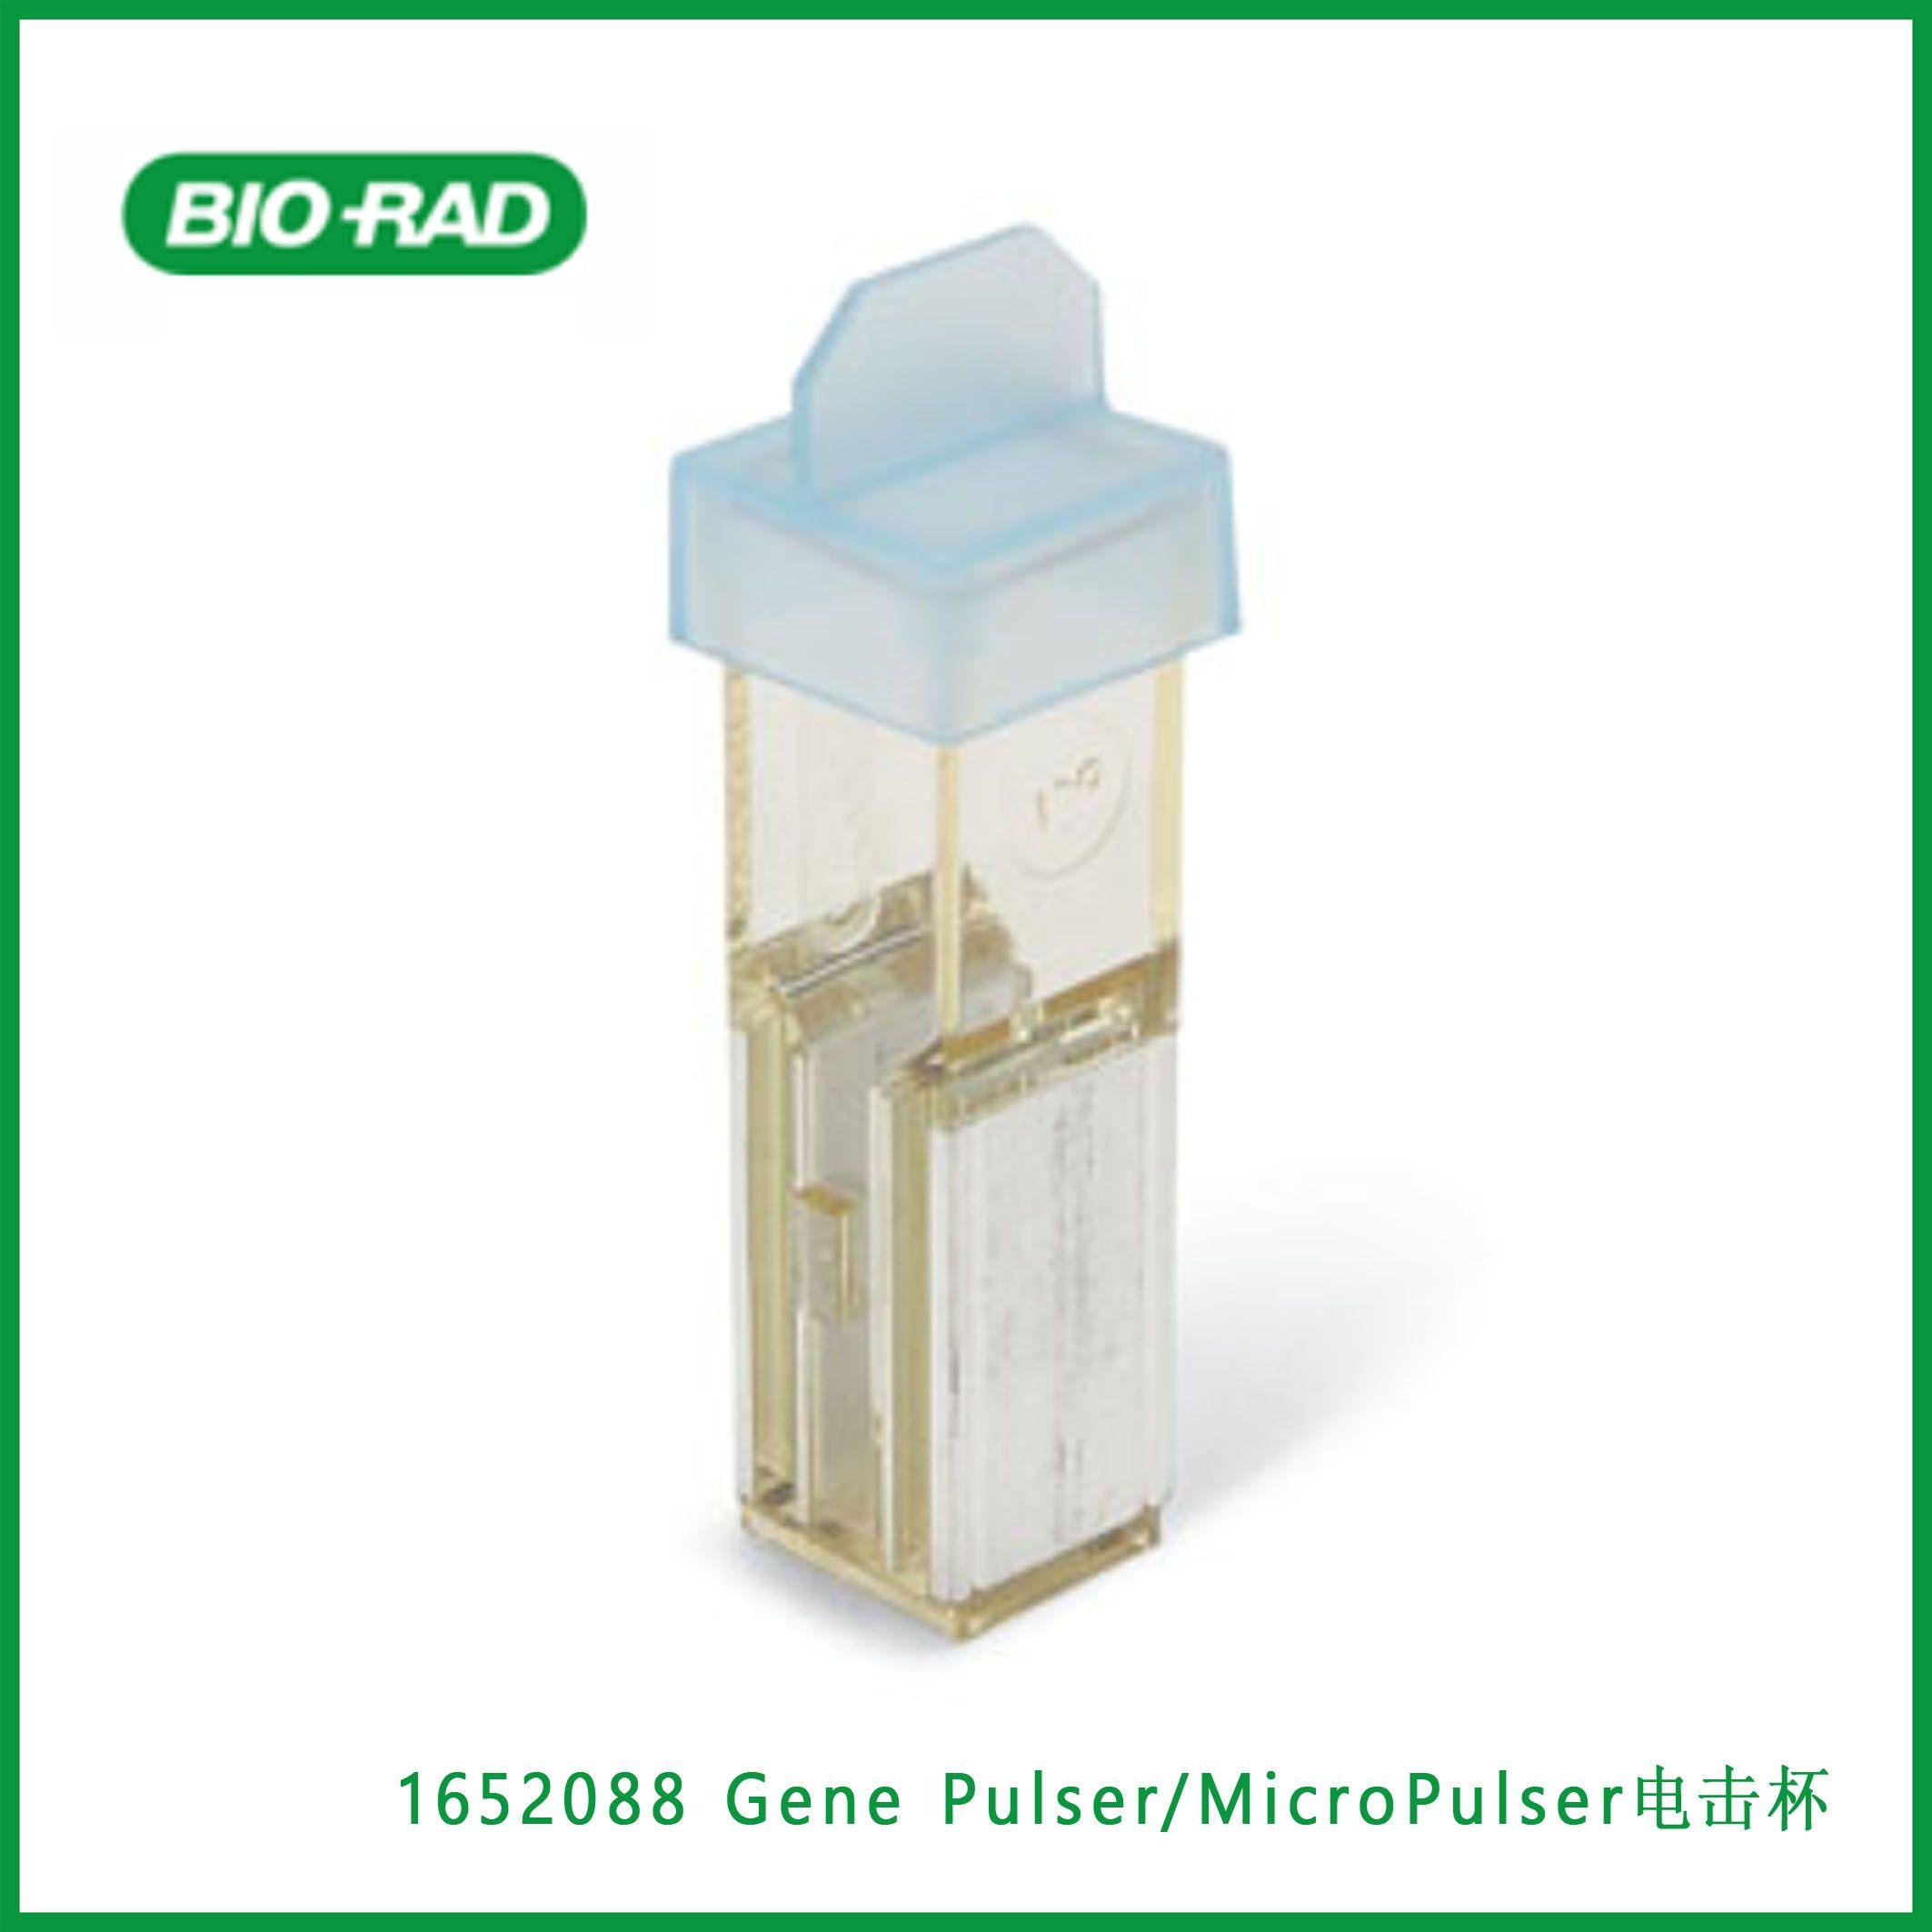 伯乐Bio-Rad1652088Gene Pulser/MicroPulser Electroporation Cuvettes, 0.4 cm gap,Gene Pulser/MicroPulser电击杯,现货